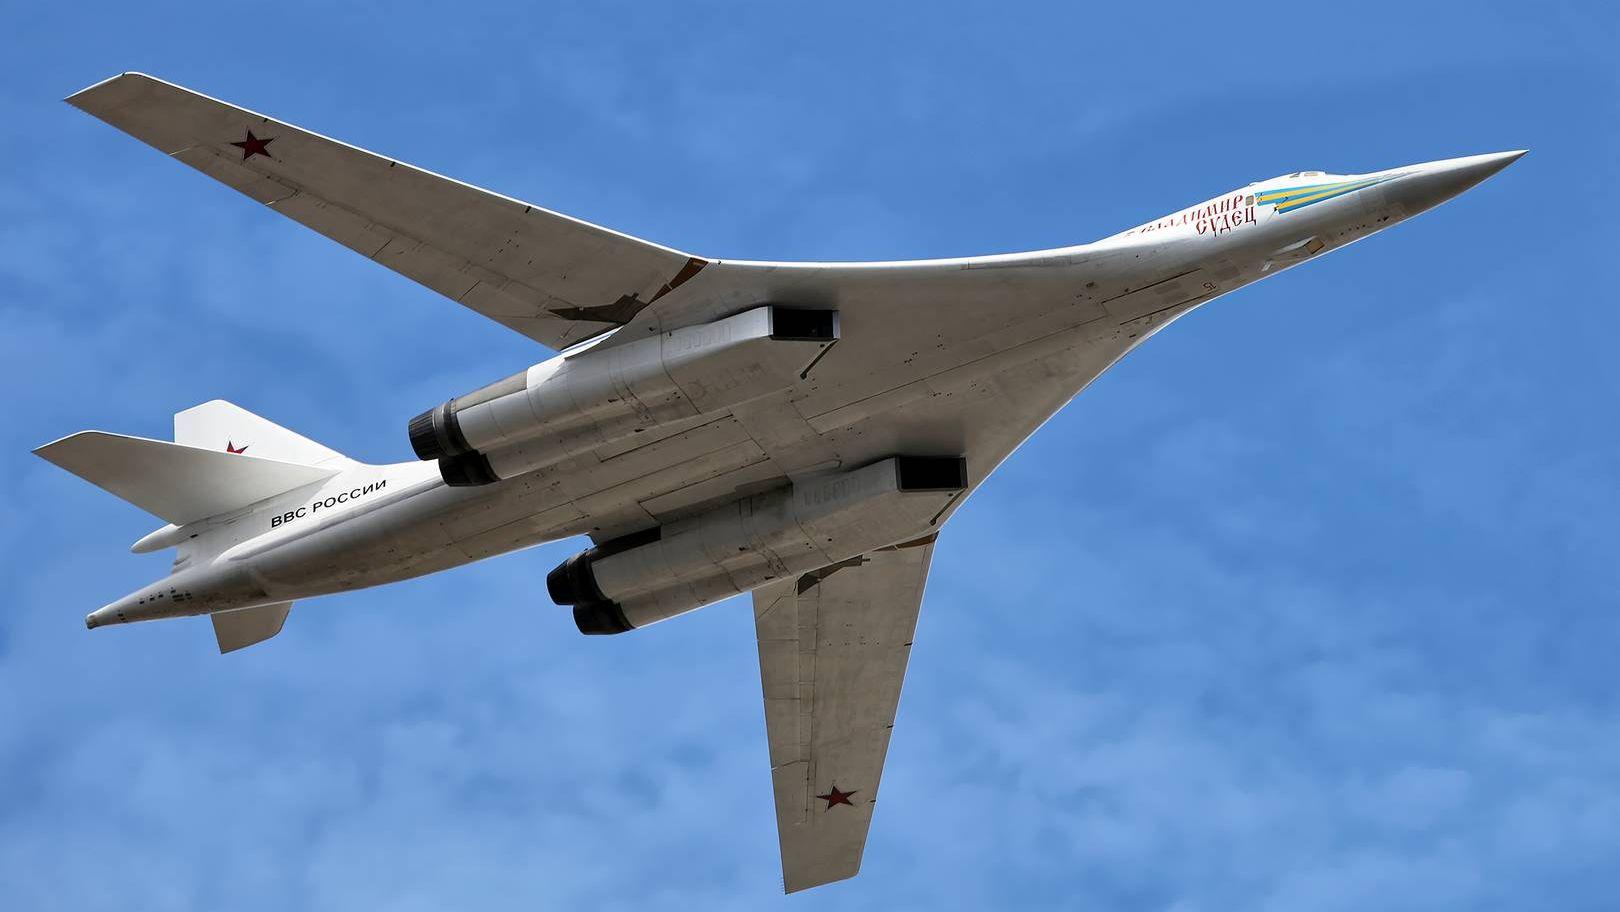 全球最大的战略轰炸机图-160到底多强?在世界上处于什么位置?